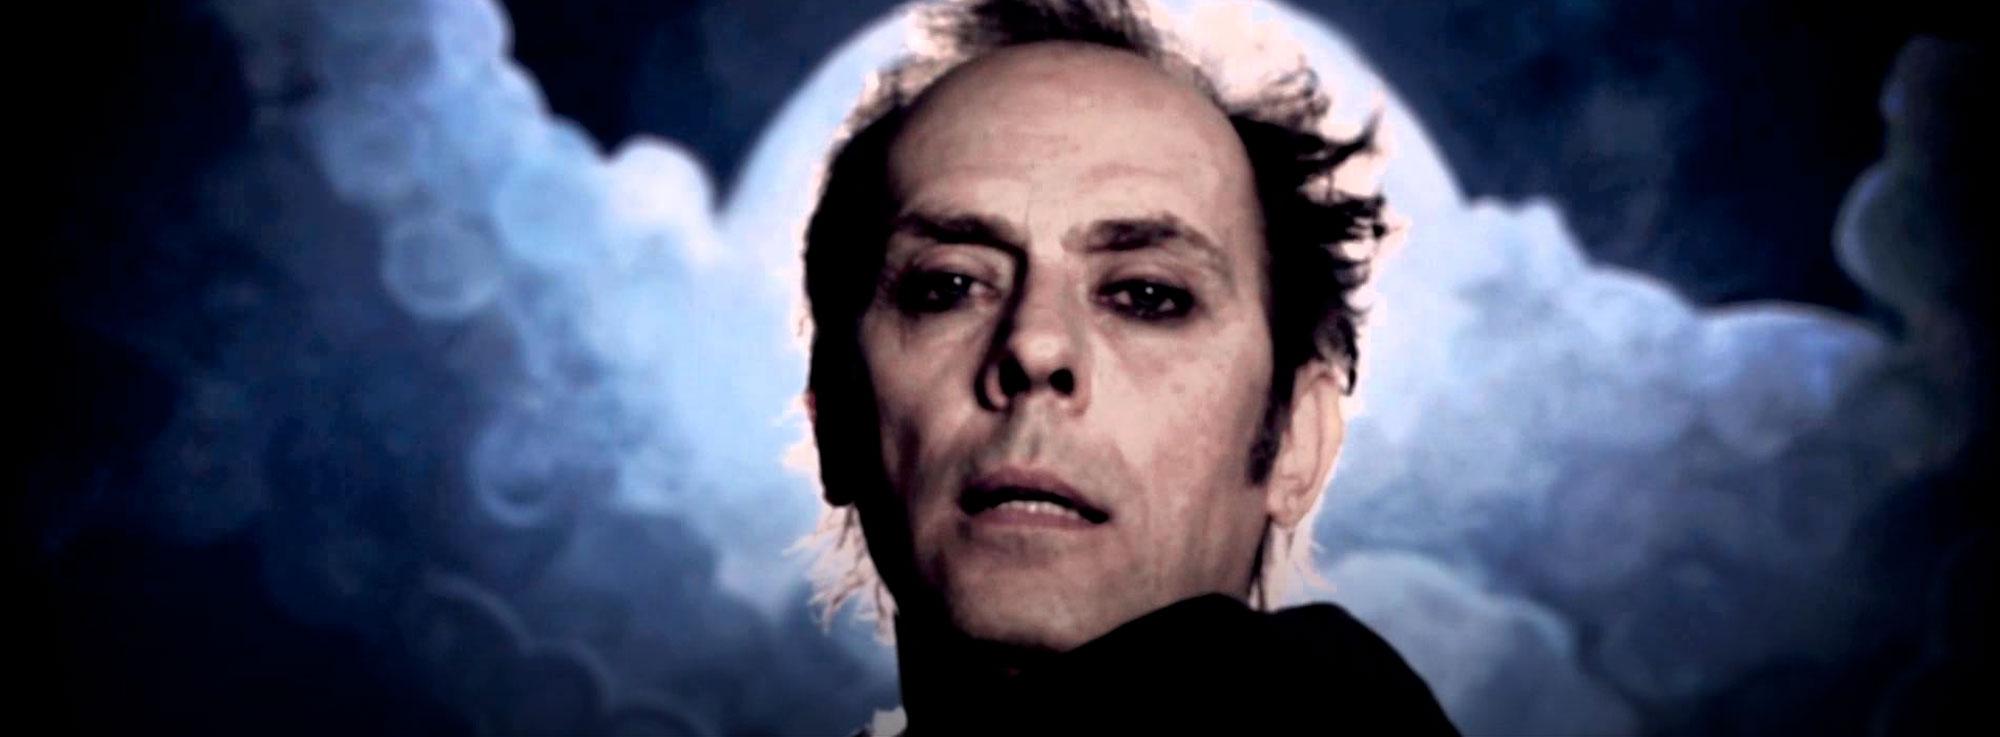 Grottaglie: Peter Murphy live